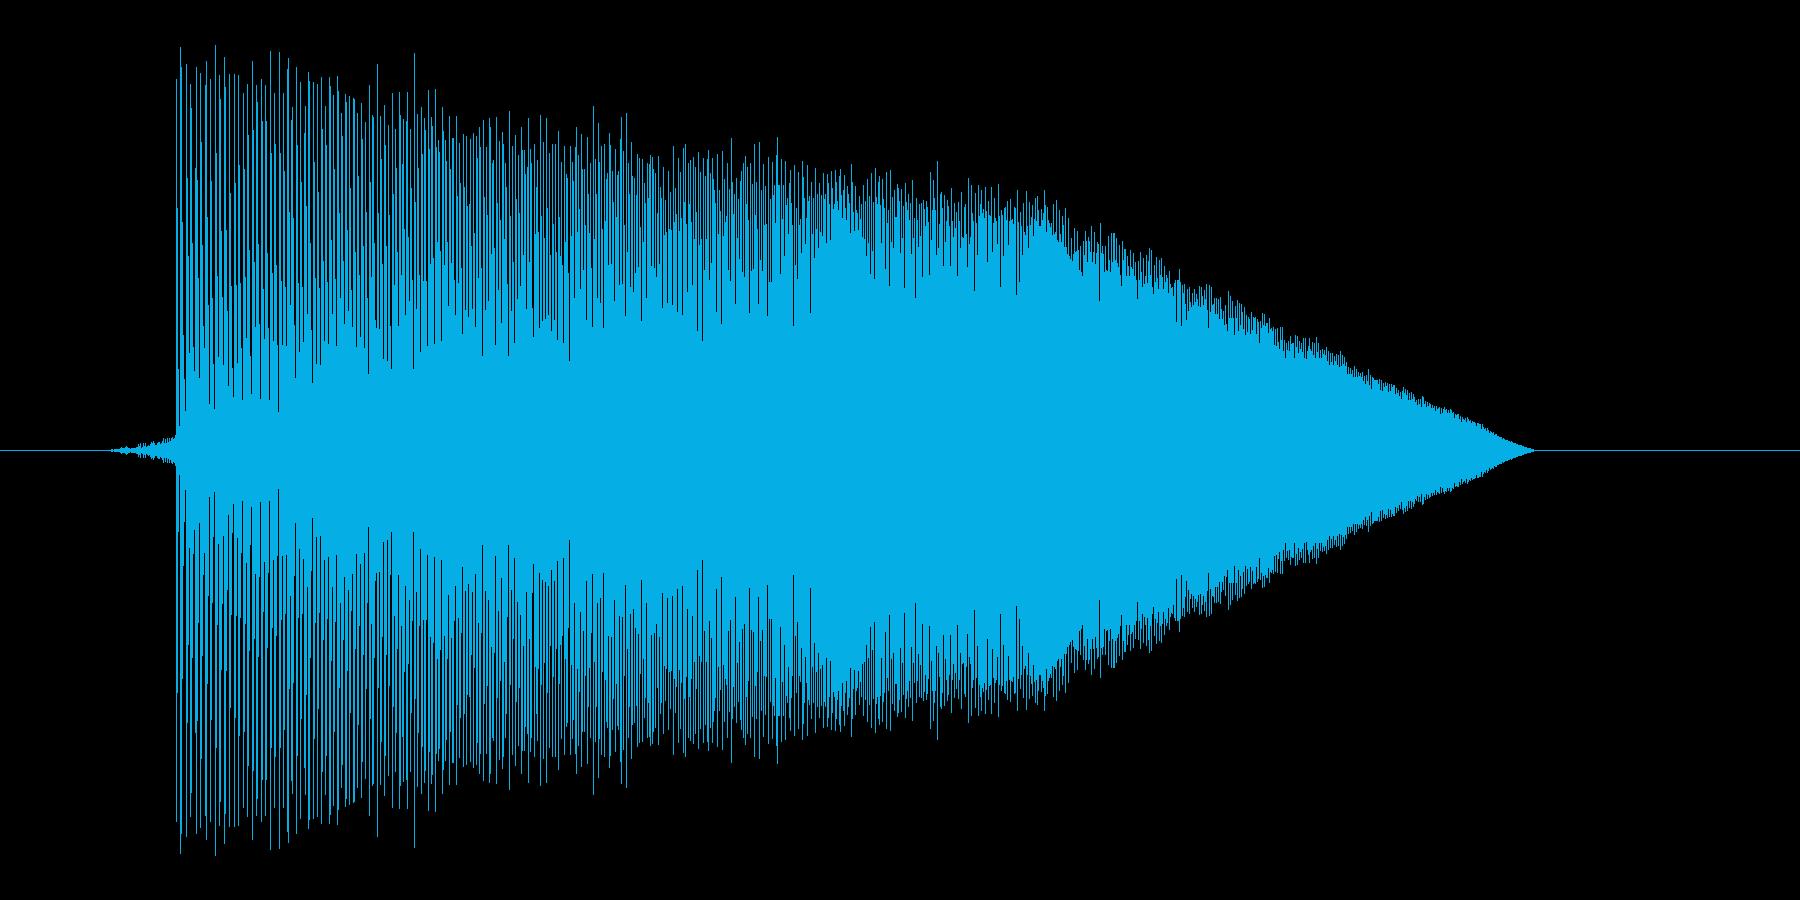 ゲーム(ファミコン風)ジャンプ音_002の再生済みの波形